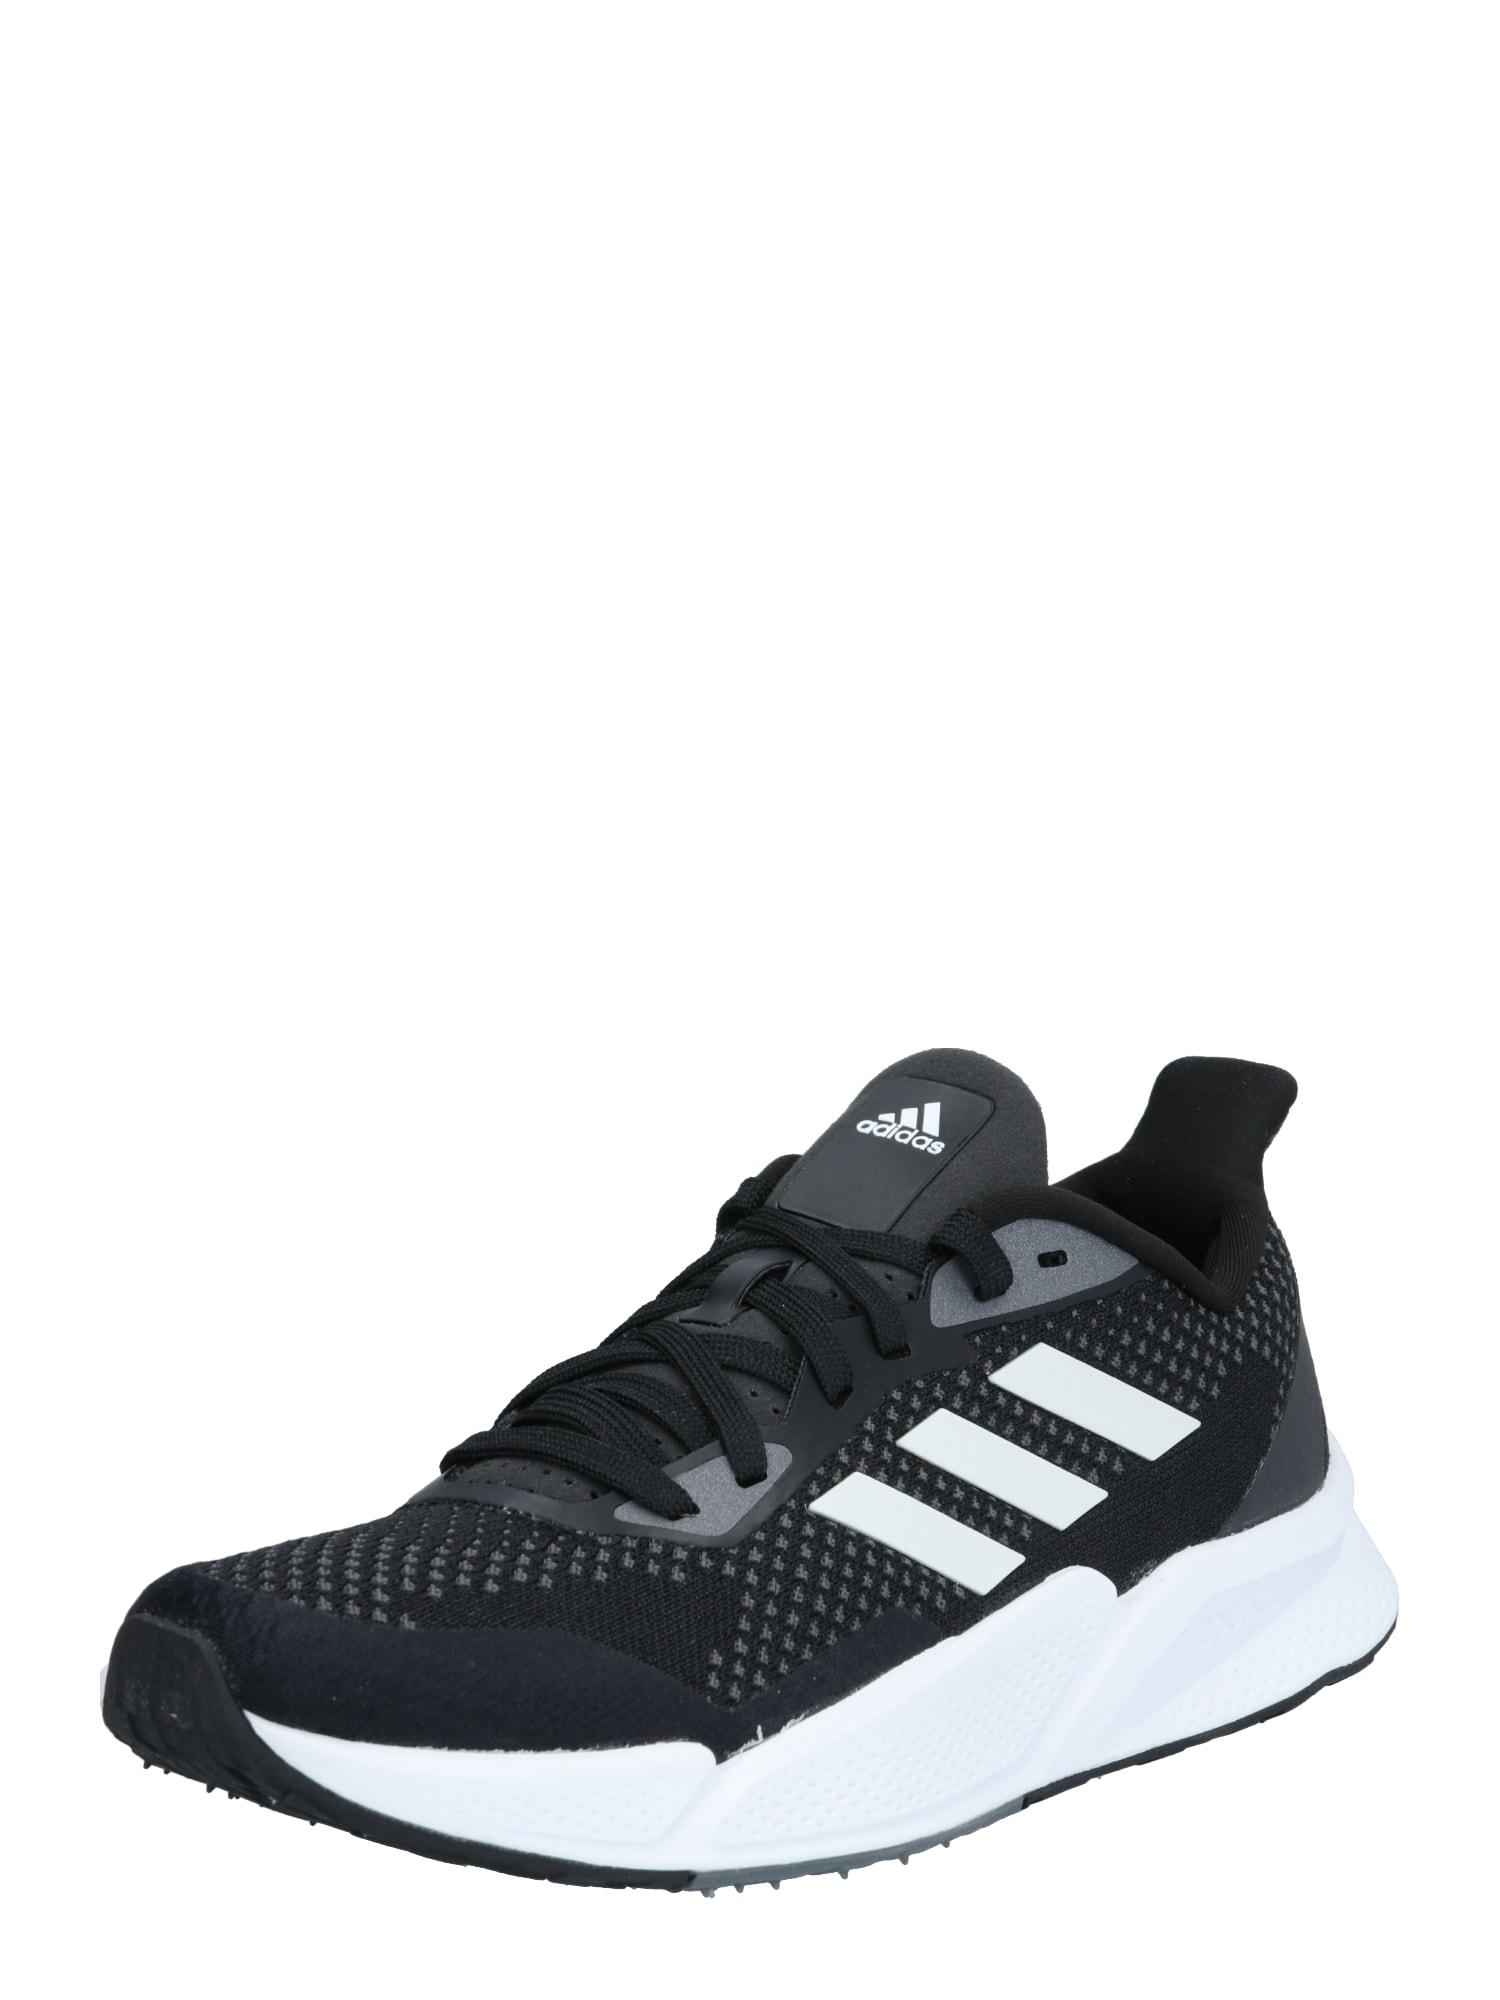 ADIDAS PERFORMANCE Bėgimo batai juoda / balta